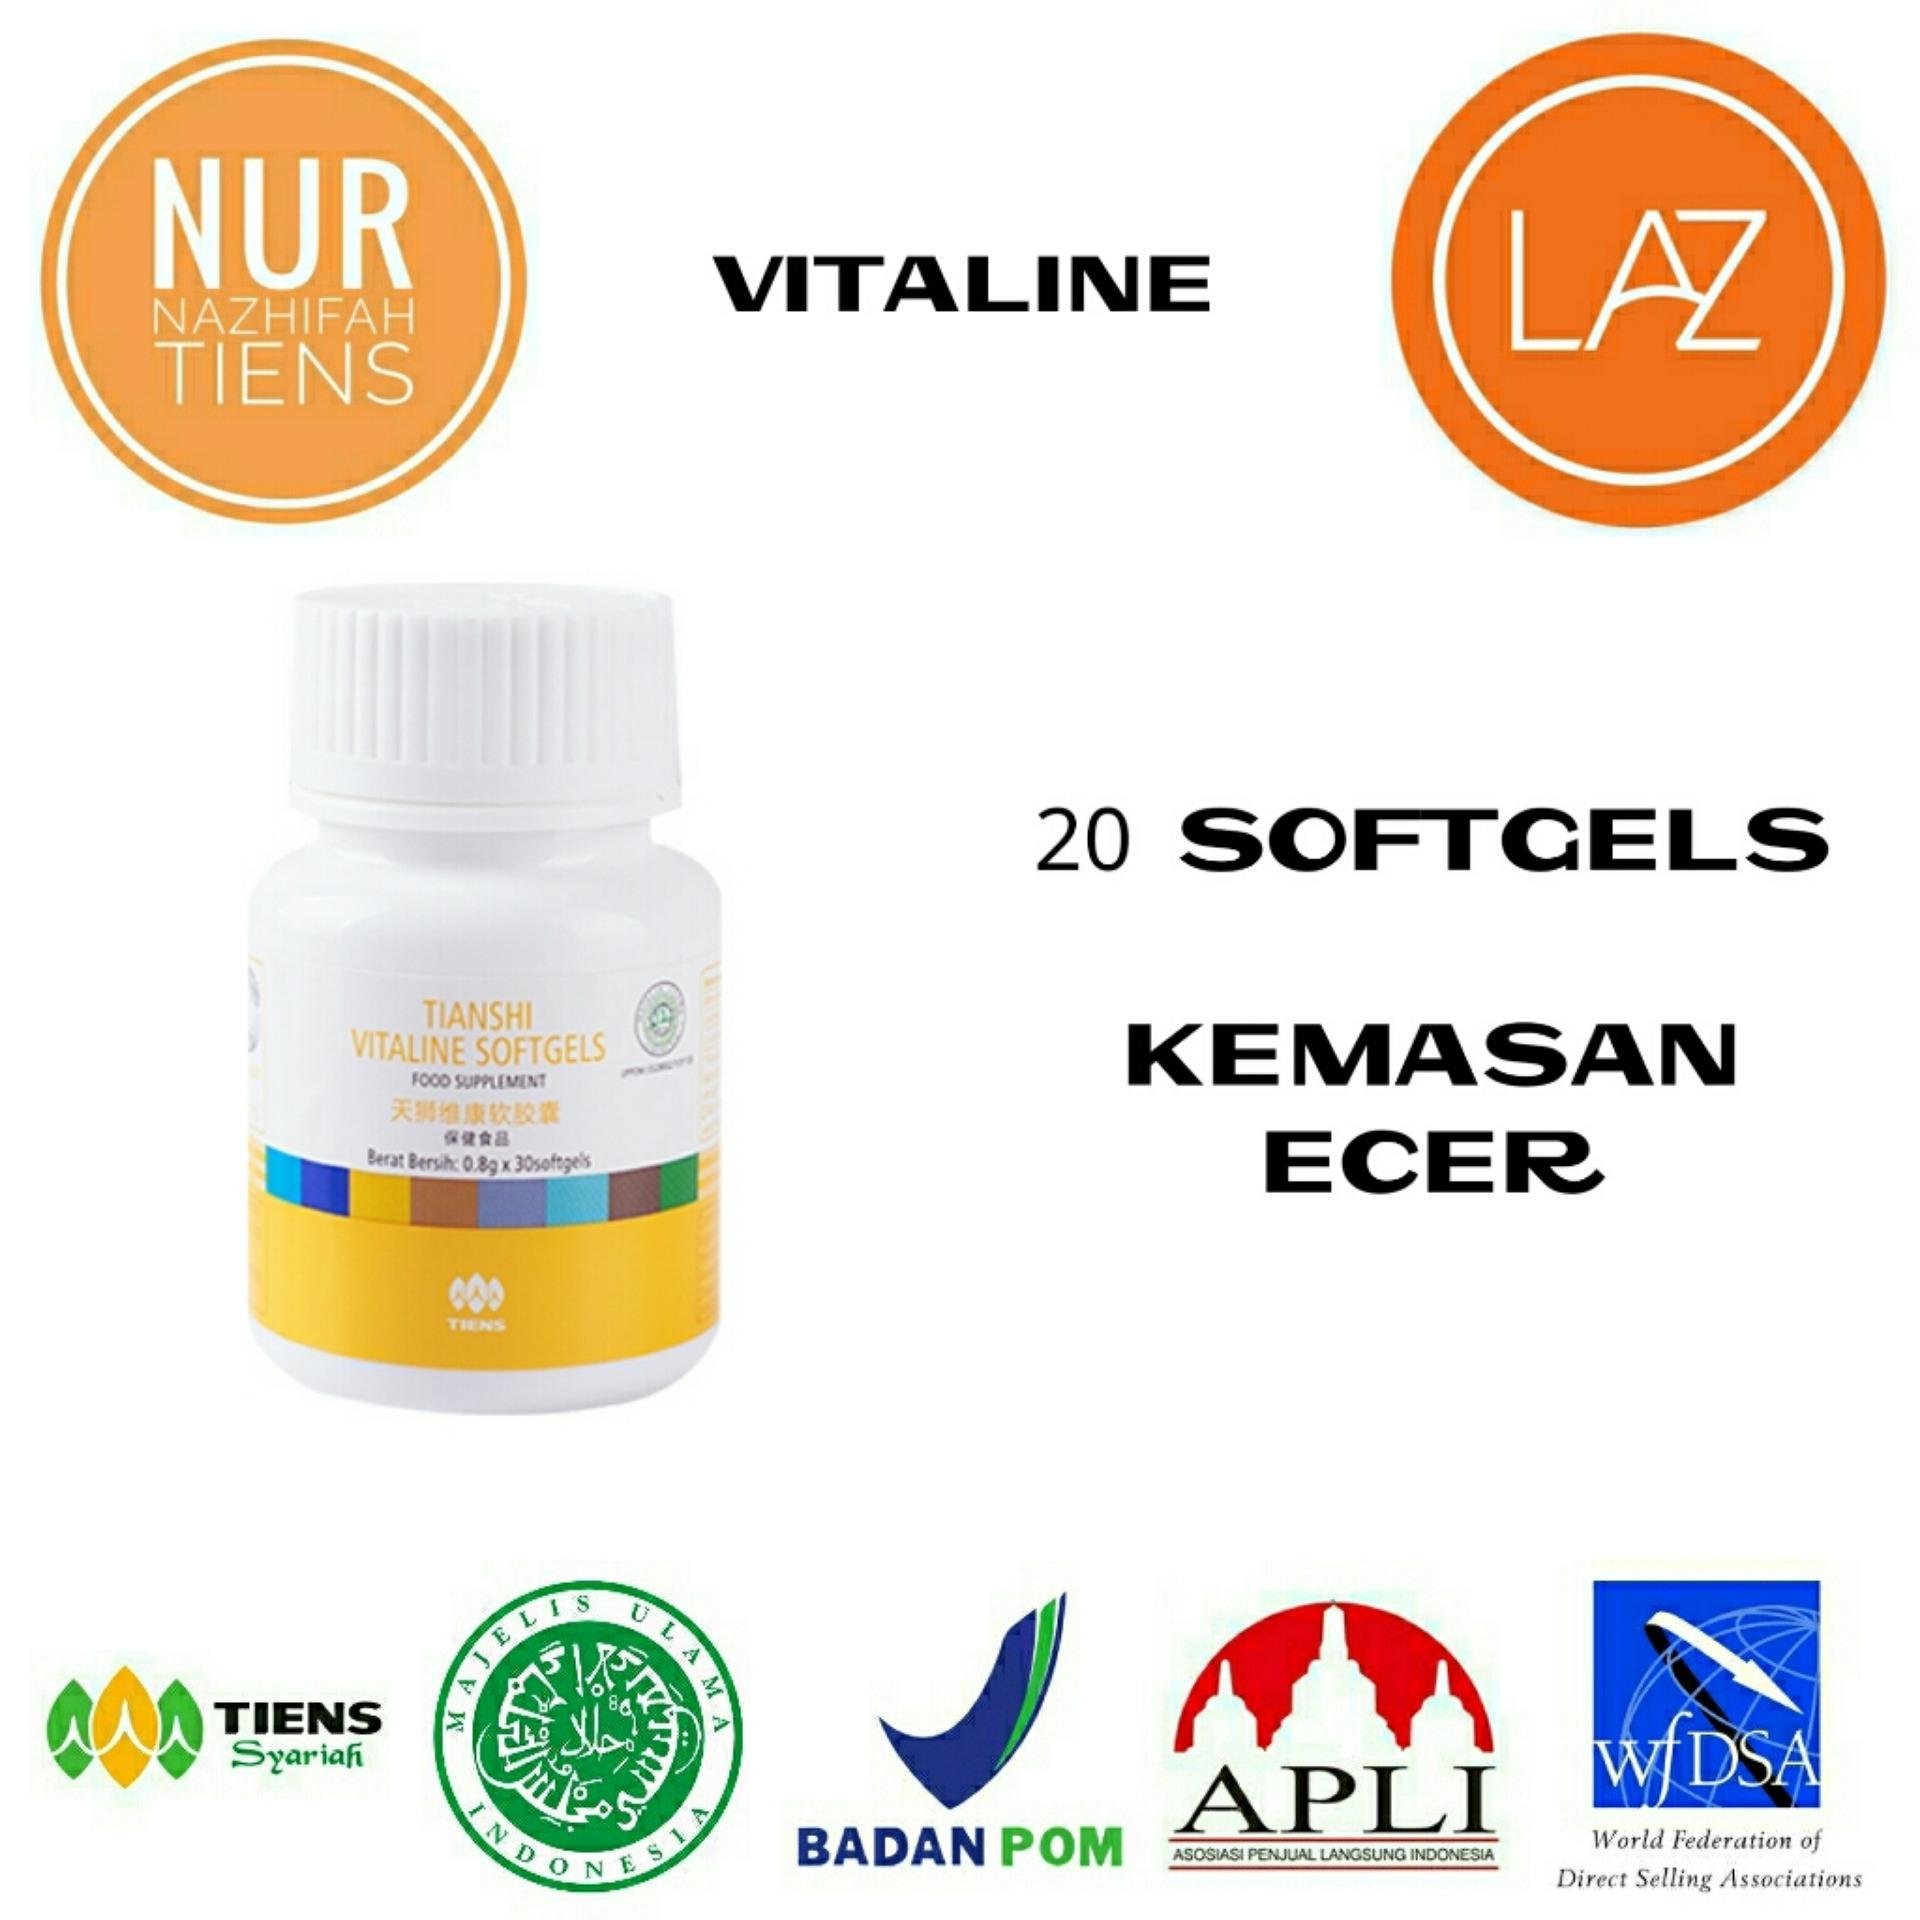 NN Tiens Vitaline Serum Pemutih Wajah & Nutrisi Pemutih Kulit Seluruh Tubuh Herbal Alami - Promo 20 Softgels